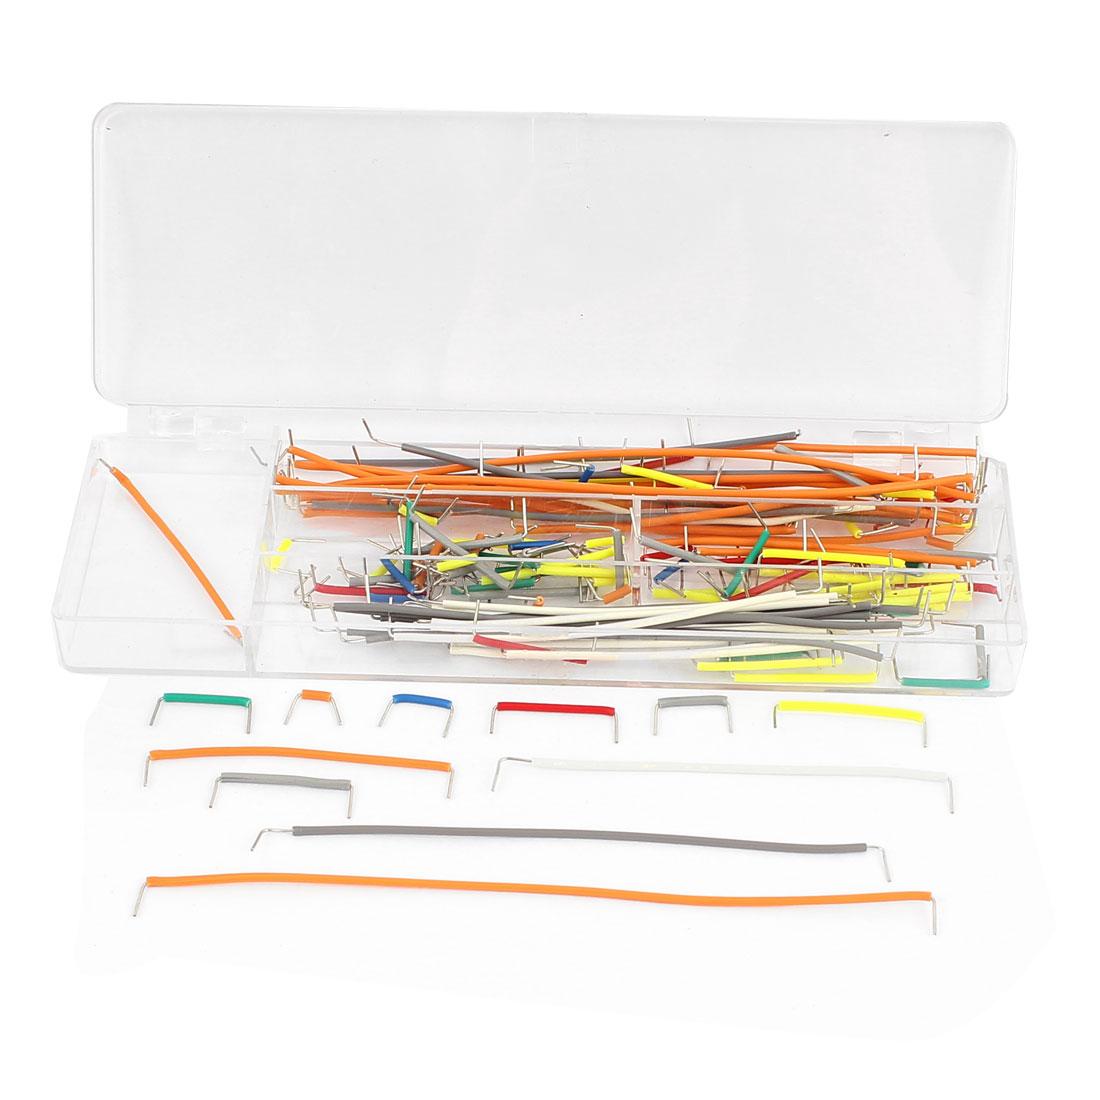 140 in 1 Solderless Breadboard Board Jumper Cable Wire Kit Set